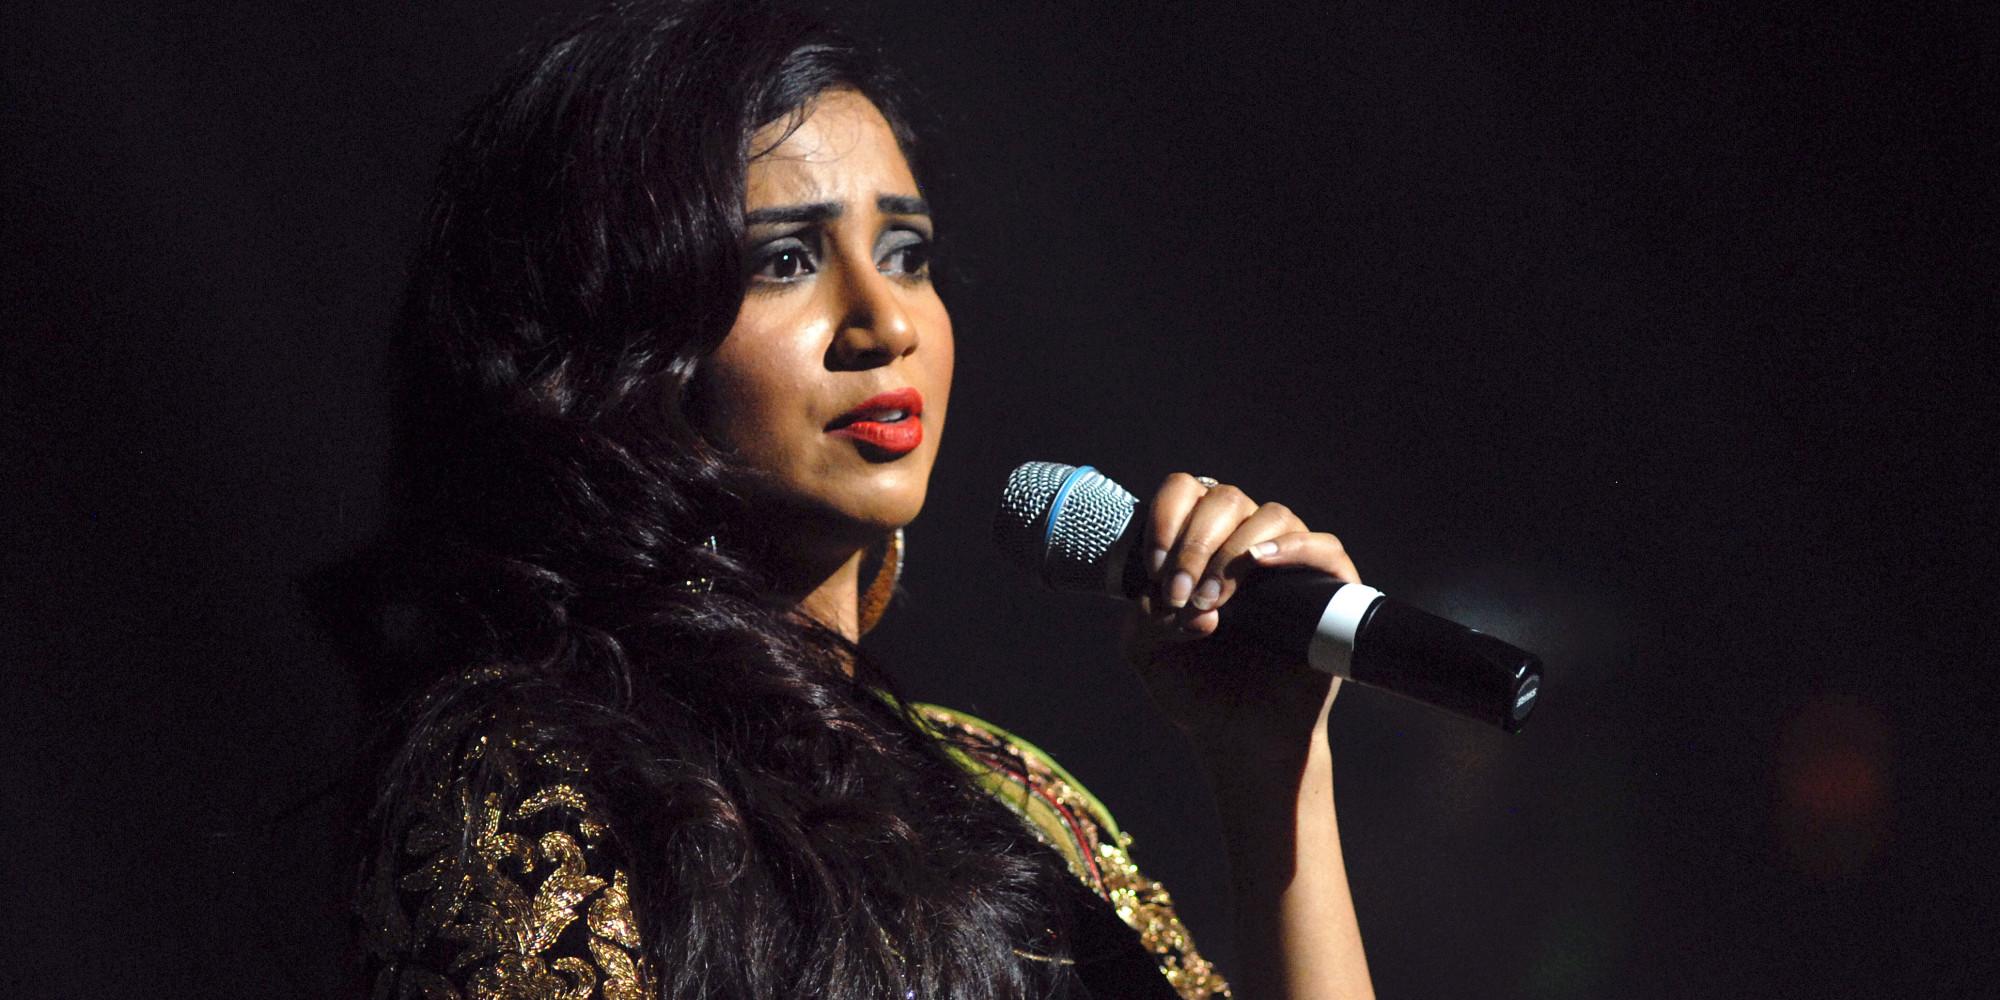 Singer Shreya Ghoshal Marries Childhood Sweetheart Shiladitya